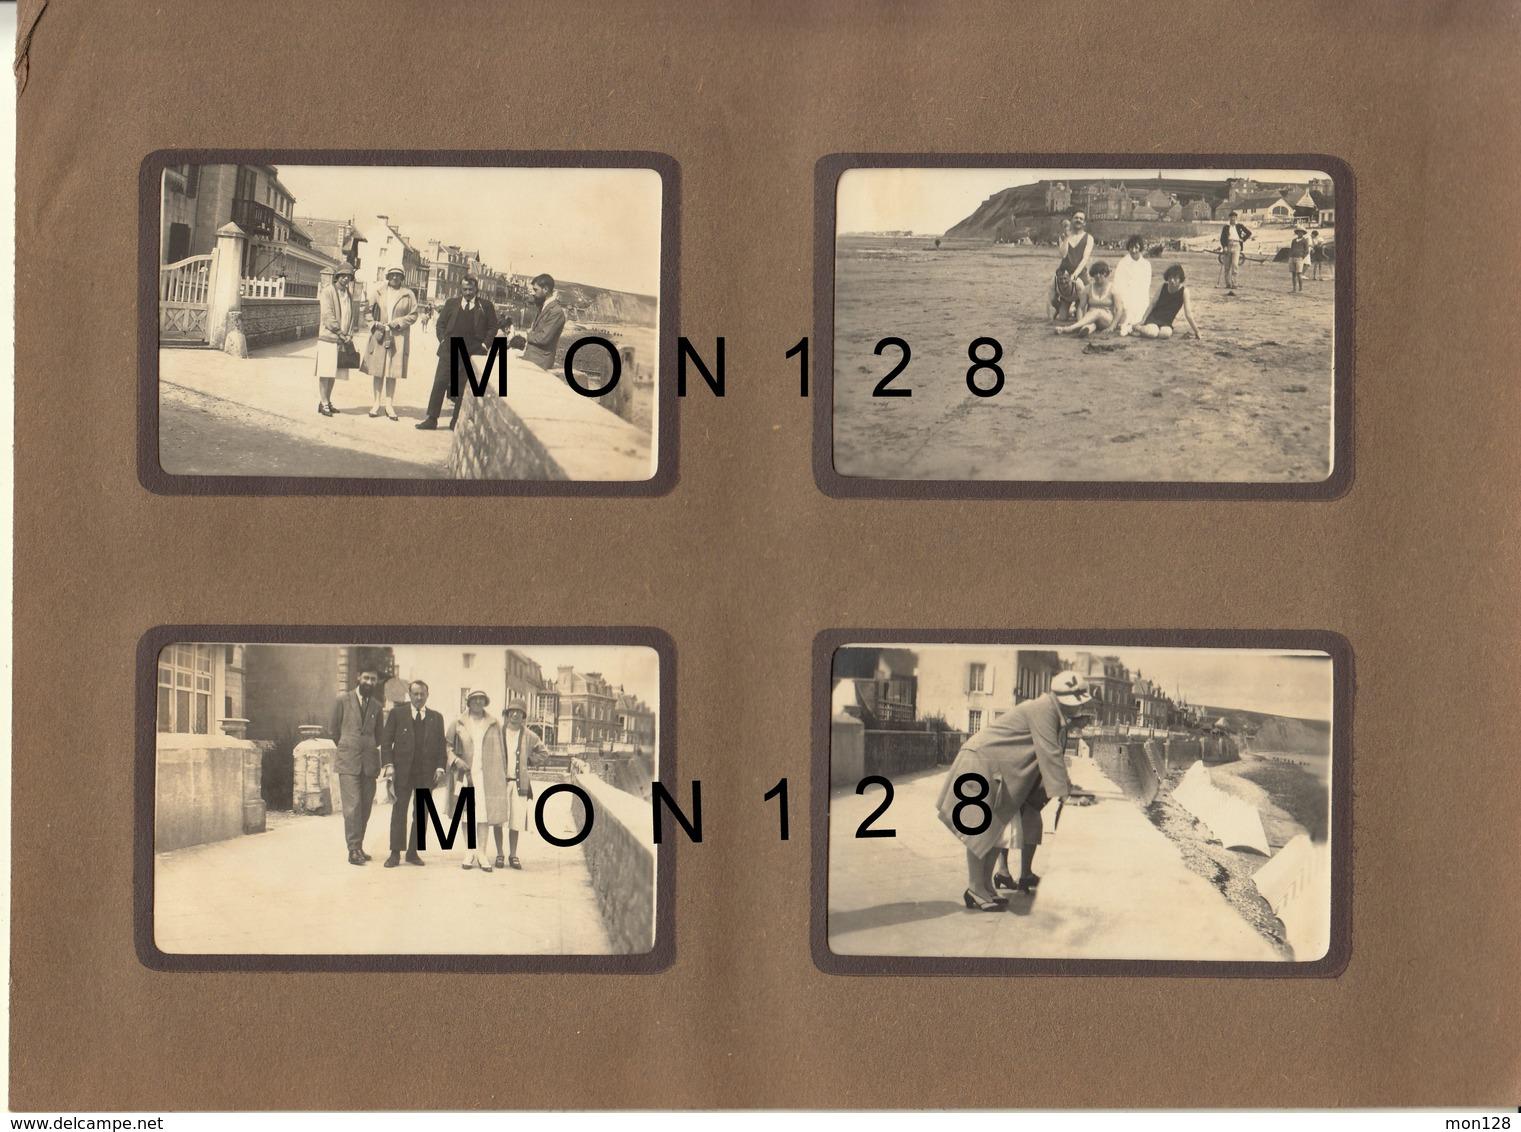 NORMANDIE ARROMANCHES 1930 - 8 PHOTOS DE FAMILLE NON COLLEES - Dim 8,5x5,5 Cms - BON ETAT - Lieux